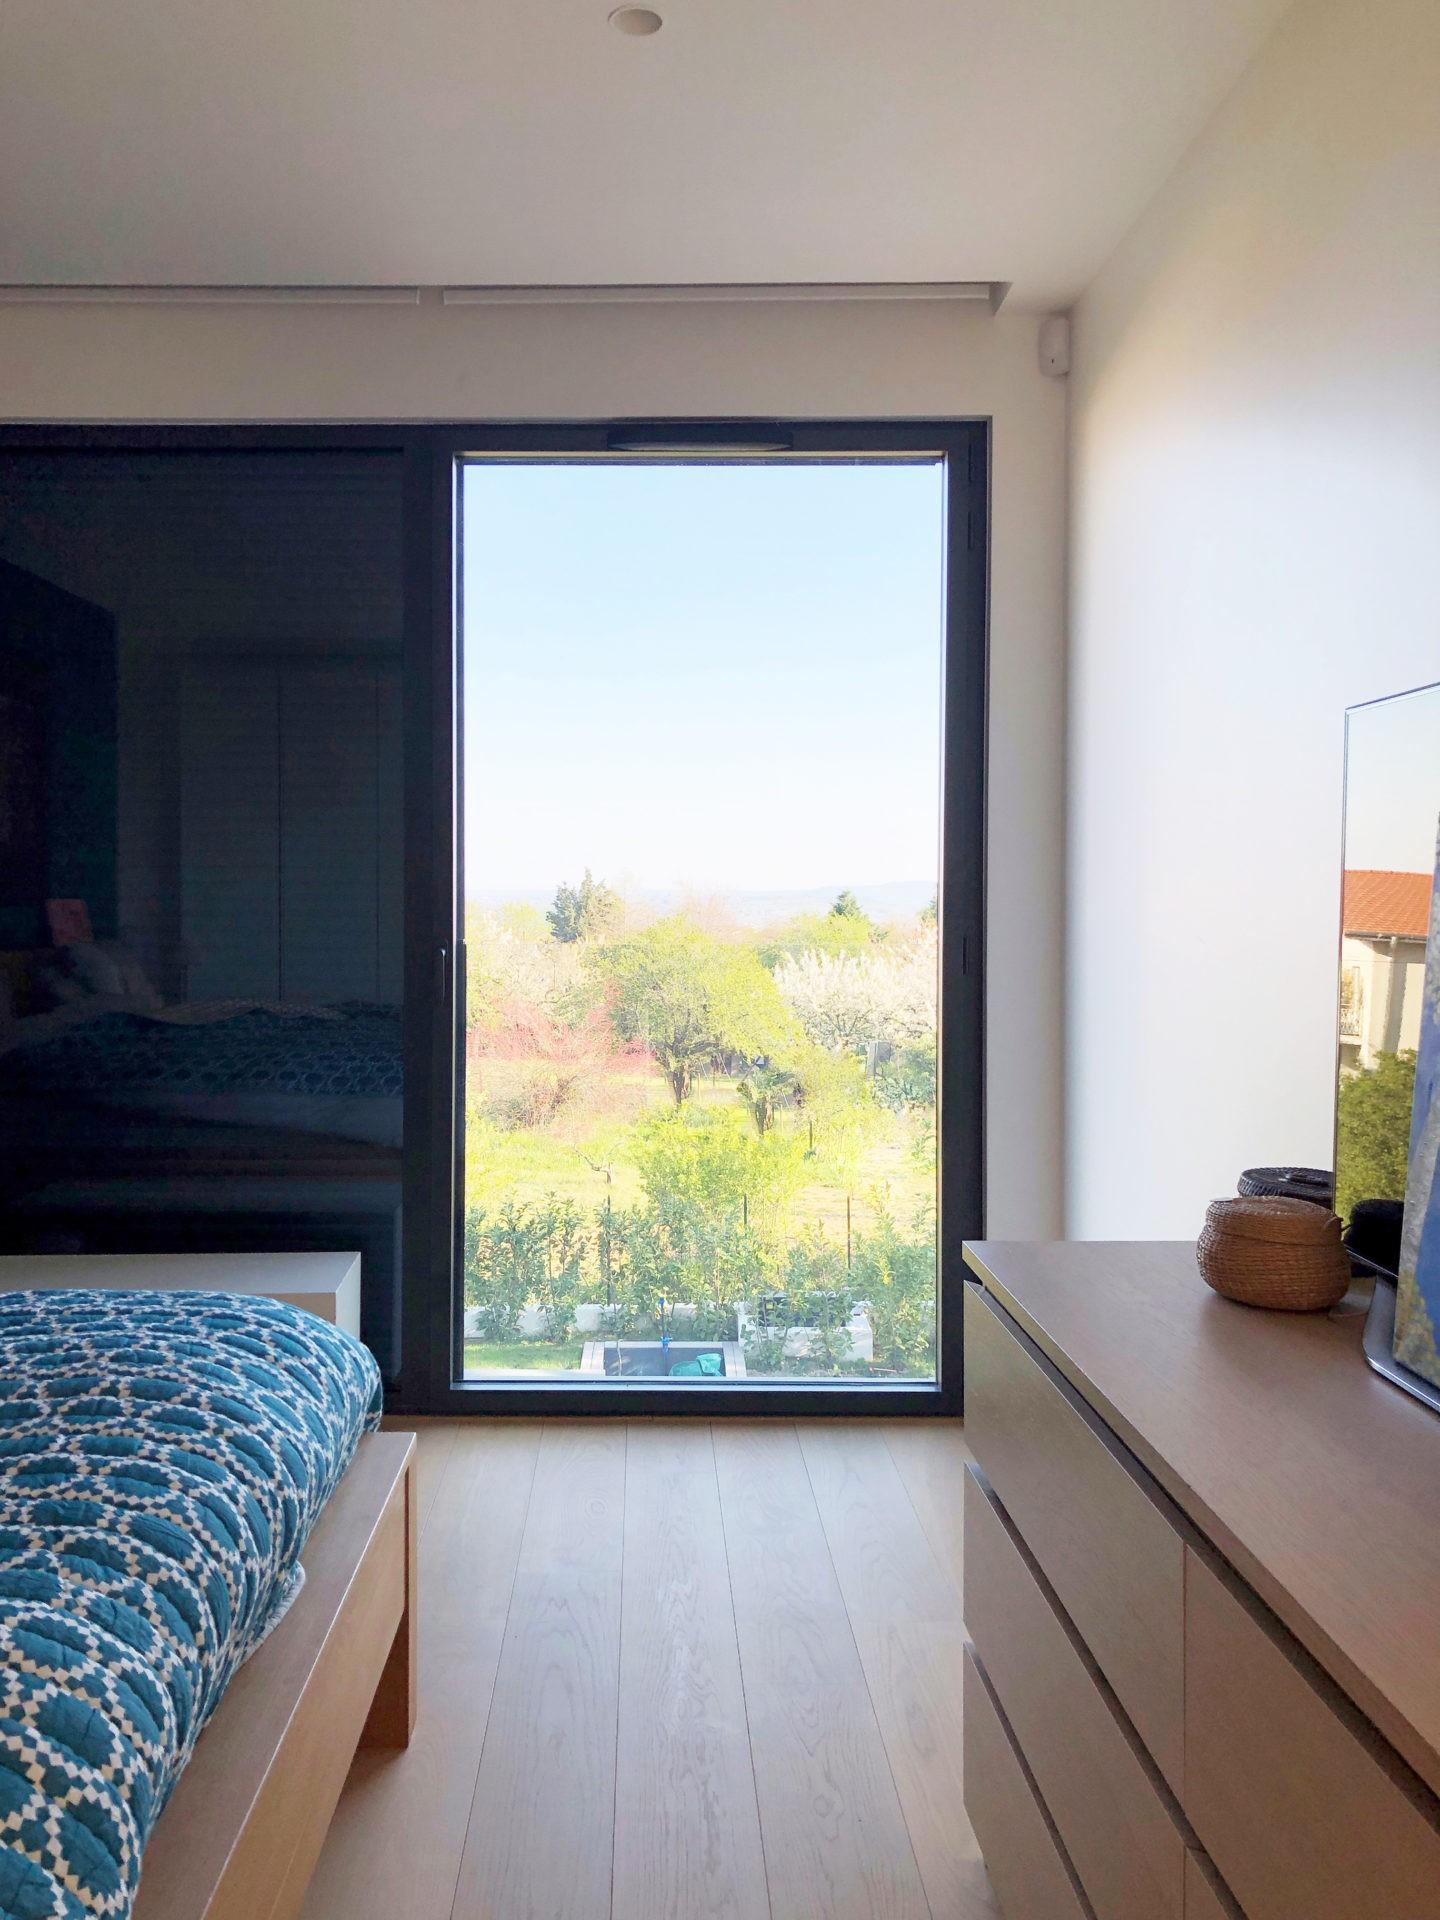 asb-architecture-maison-contemporaine-toiture-terrasse-vue cadrée